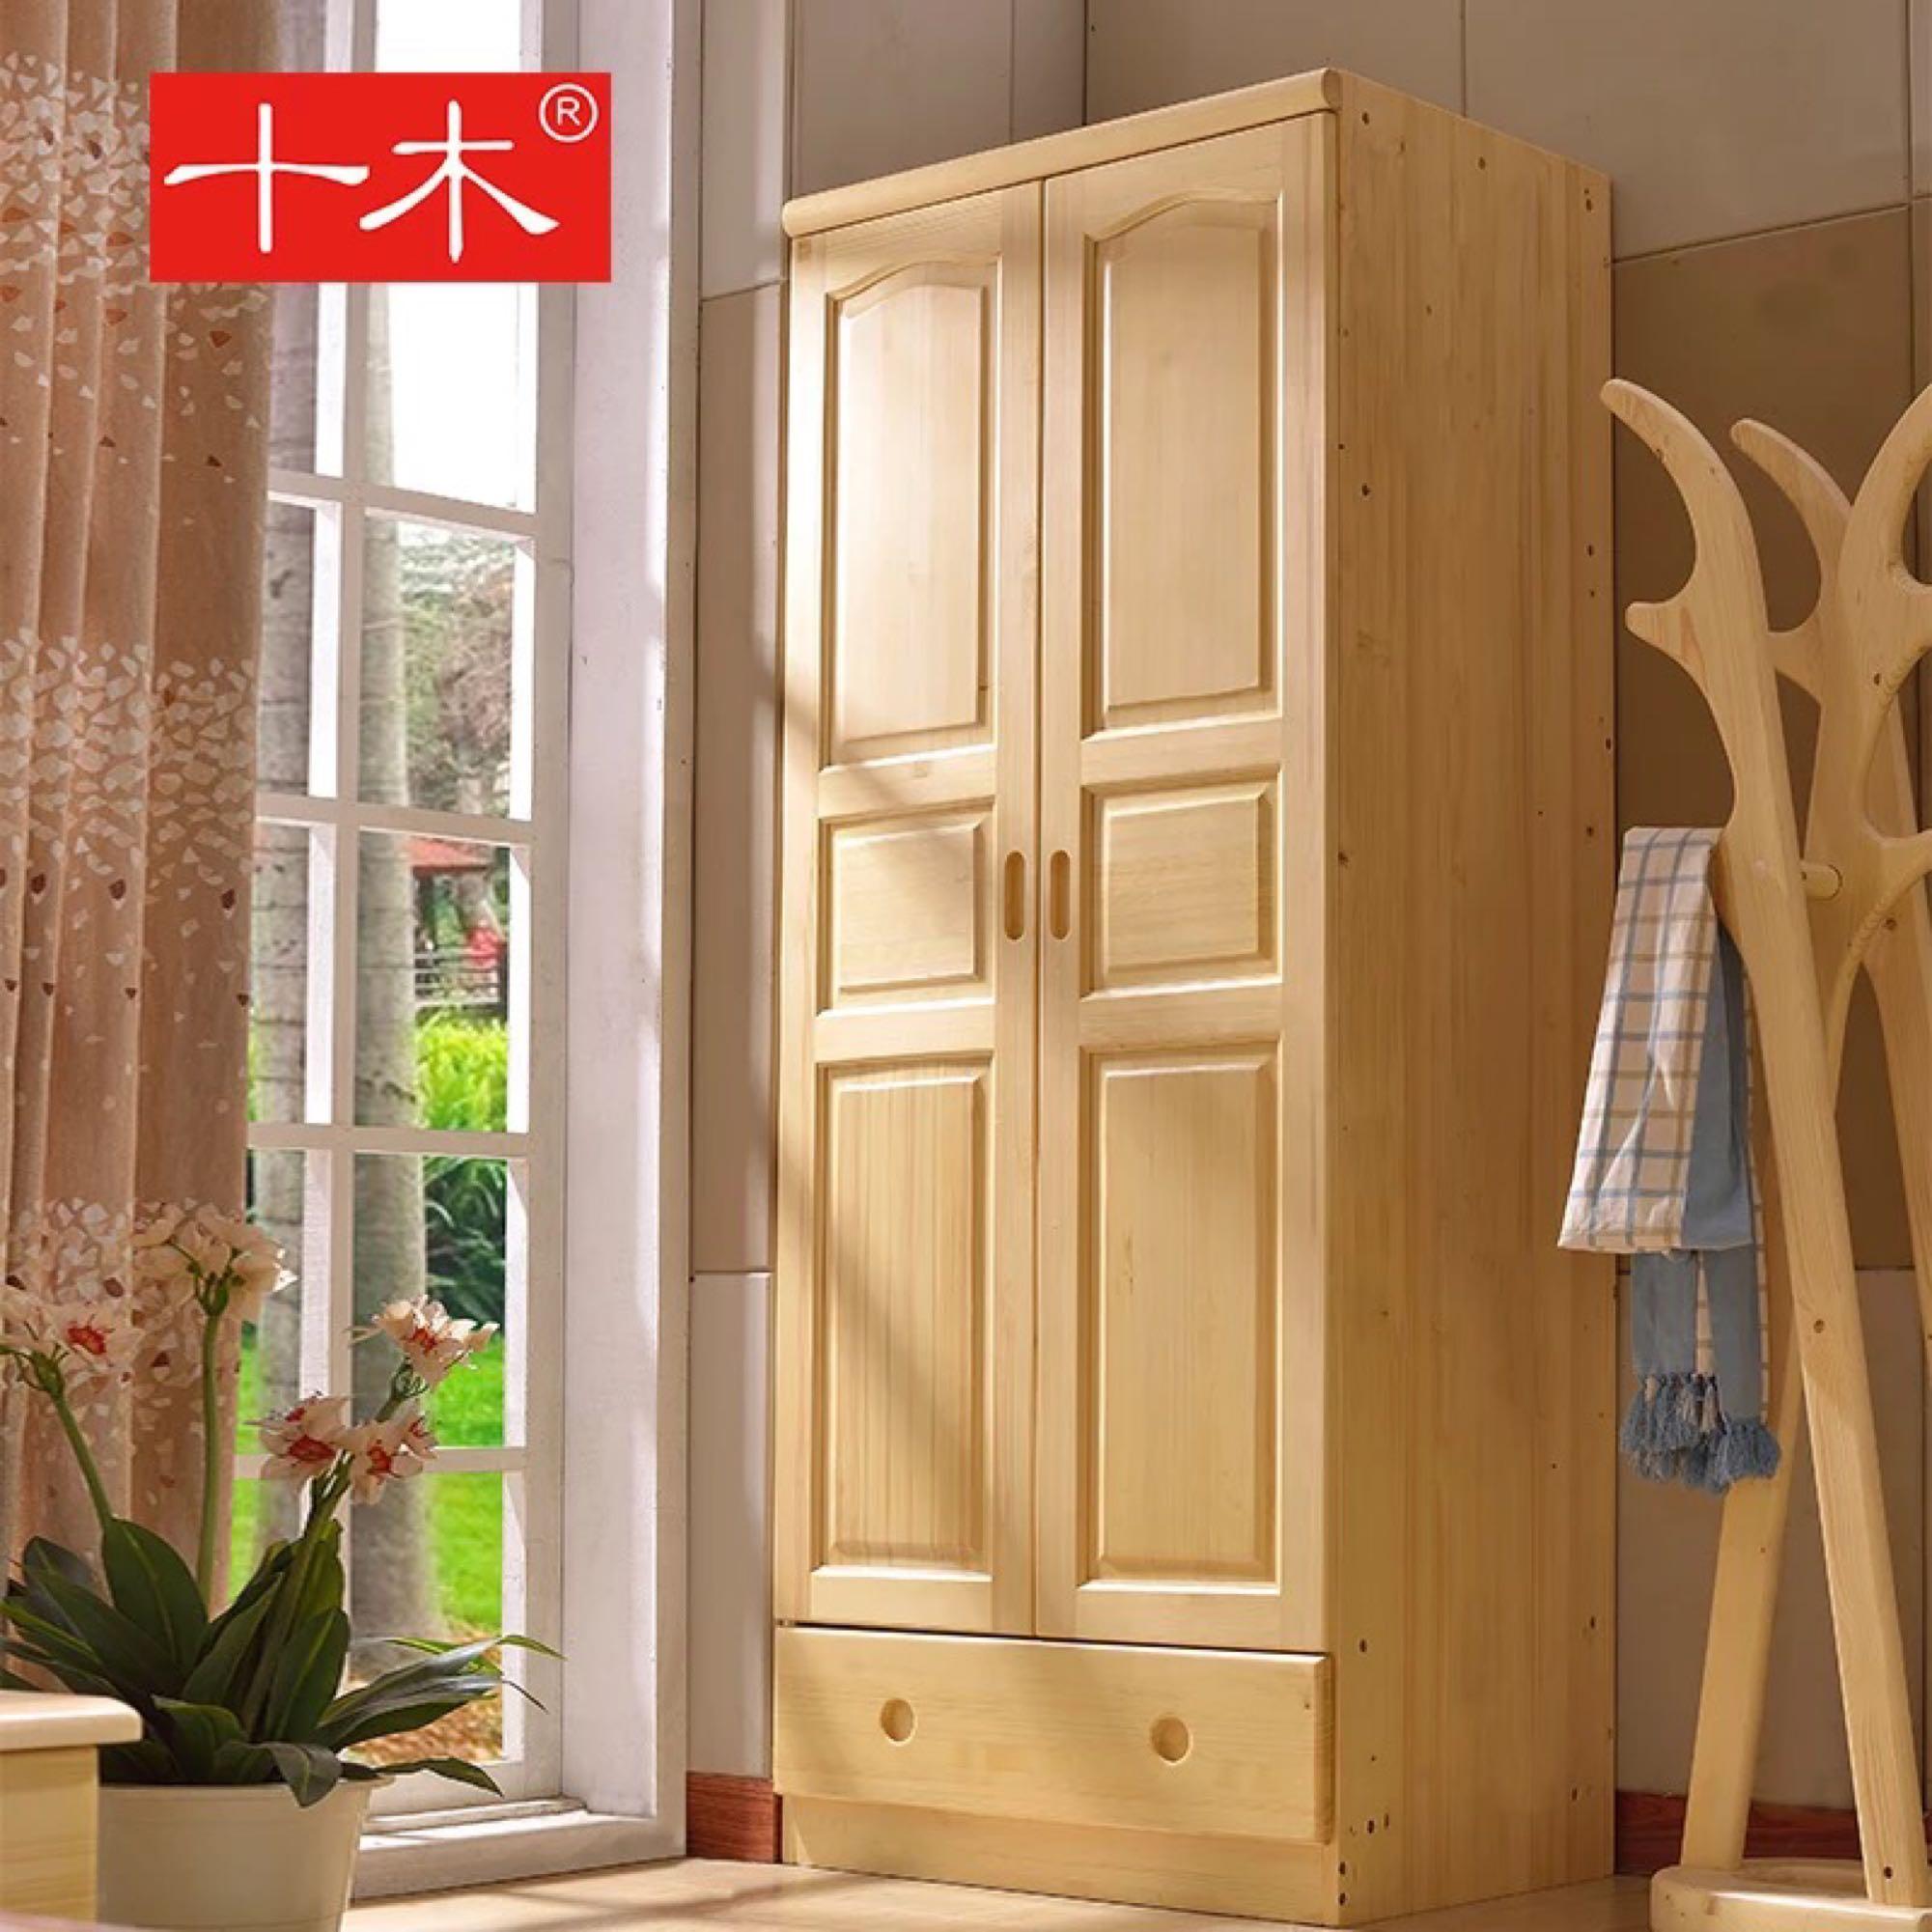 特价包邮实木衣柜松木衣柜儿童两门衣柜成人衣柜双门